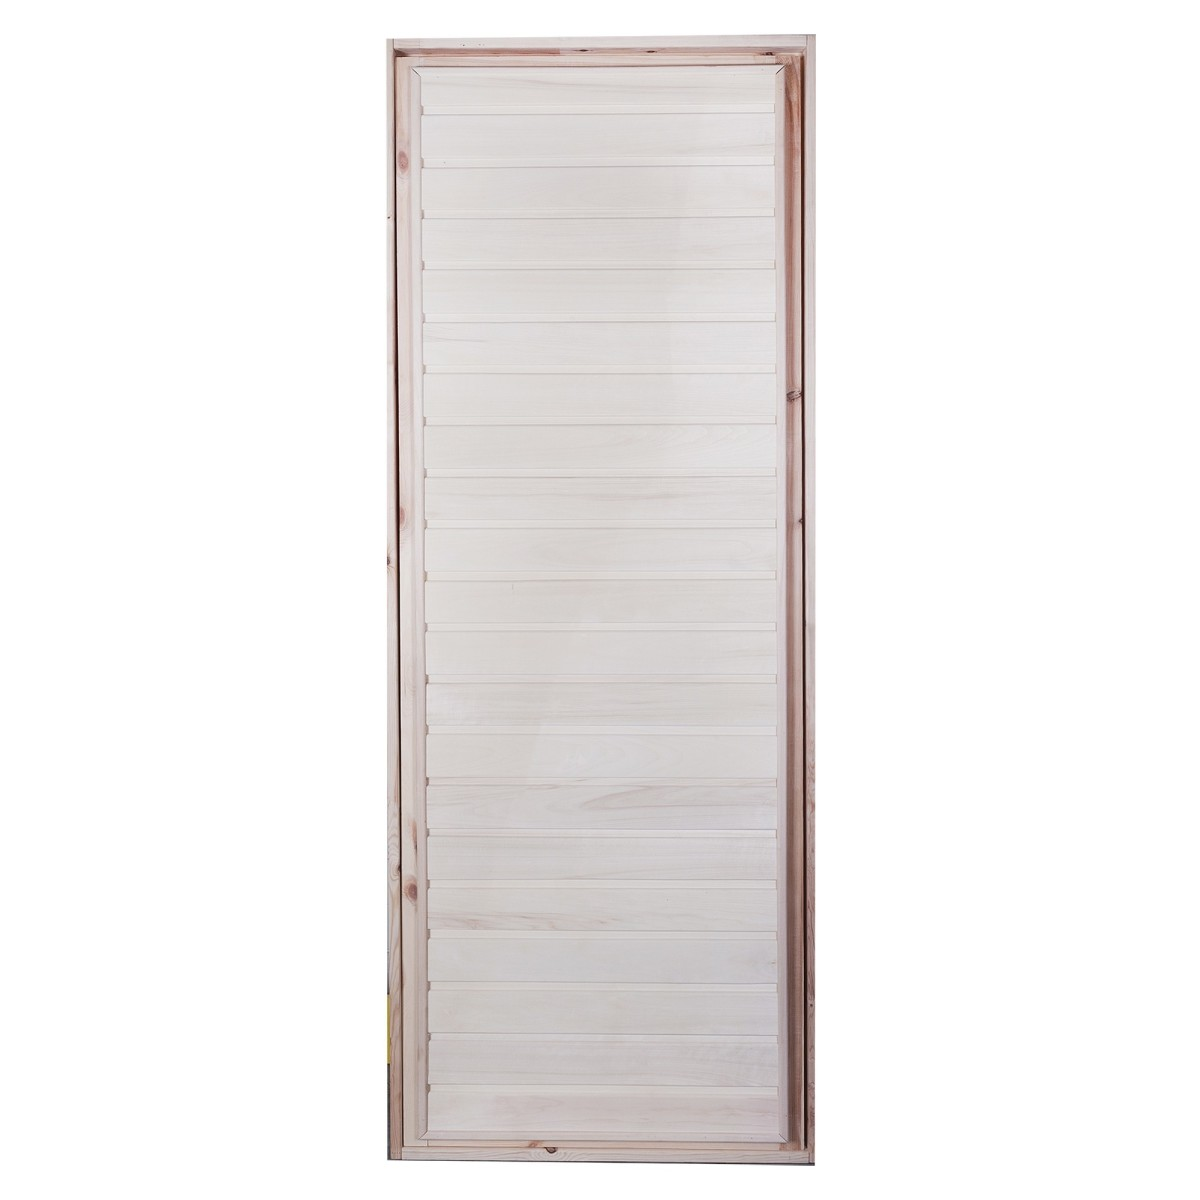 Дверь межкомнатная 60х700х1800 мм осина